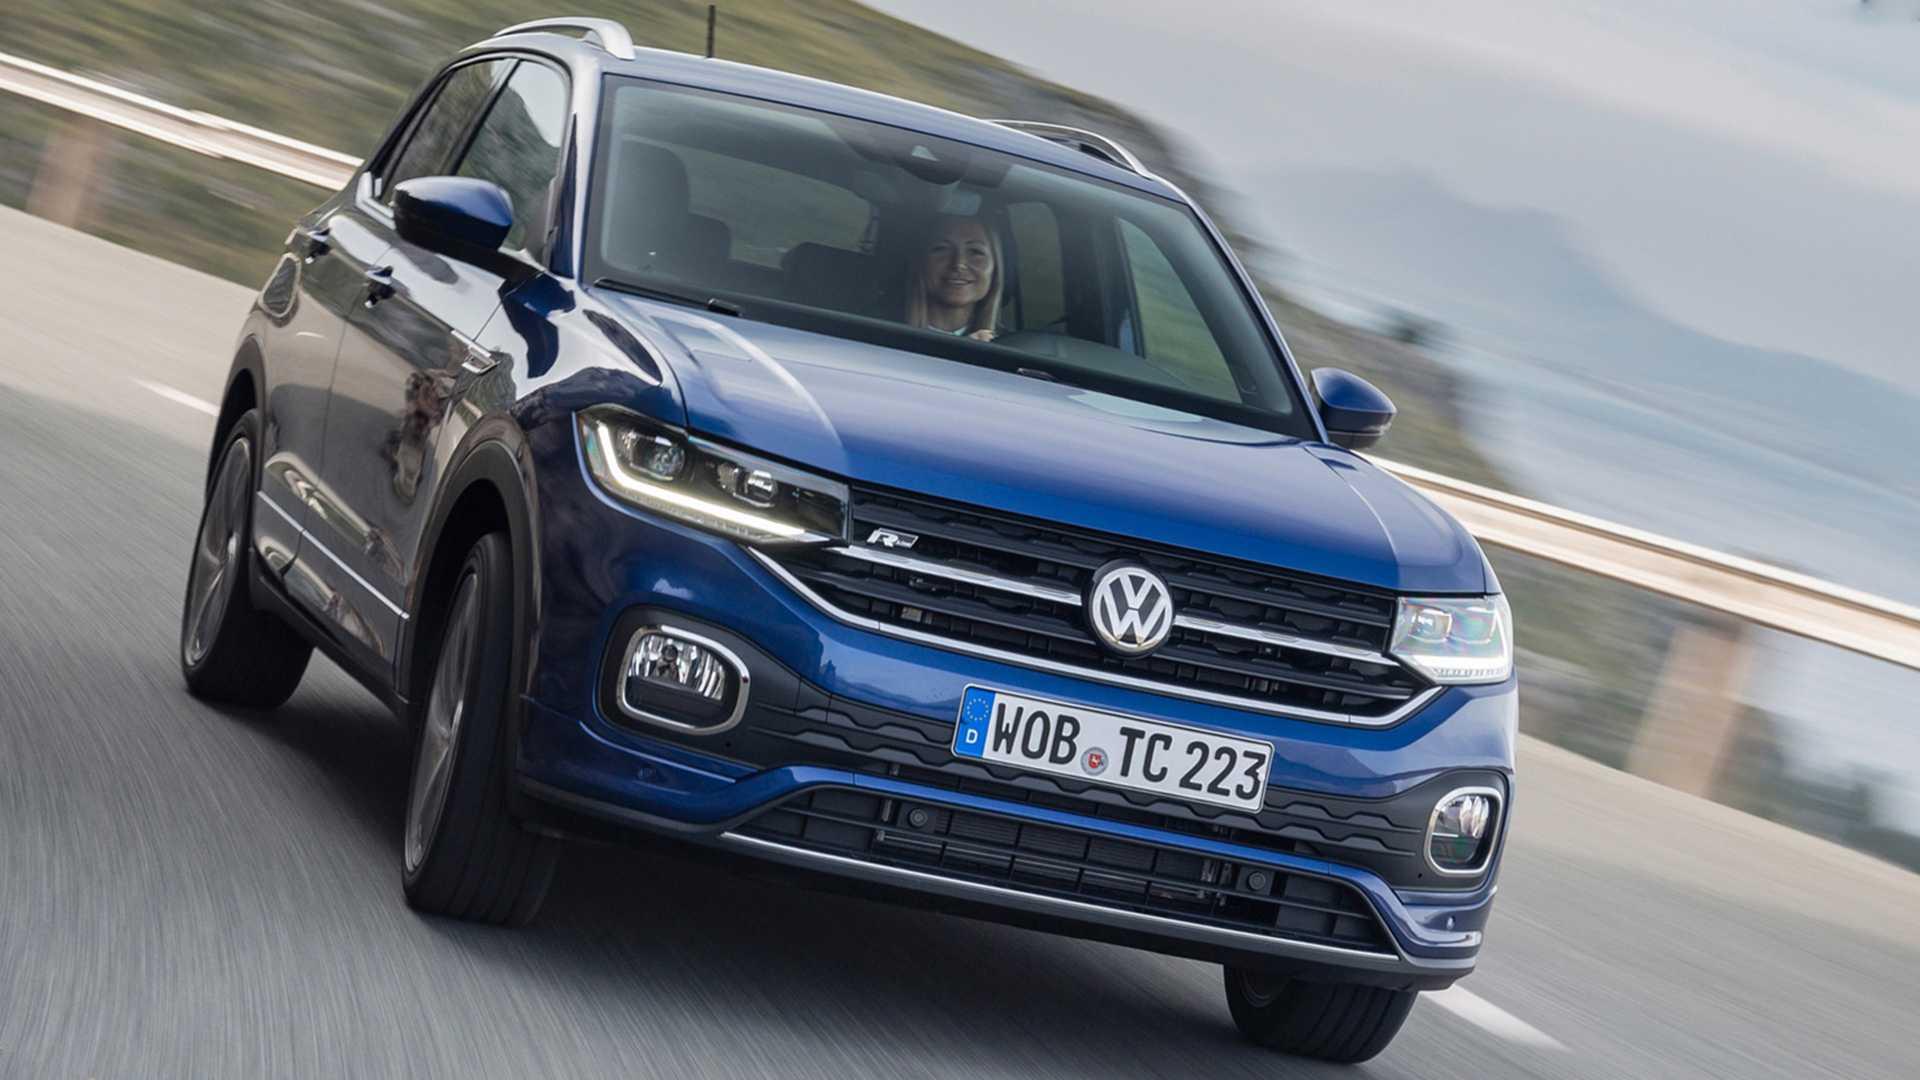 Volkswagen t-cross 2019-2020 цена, технические характеристики, фото, видео тест-драйв